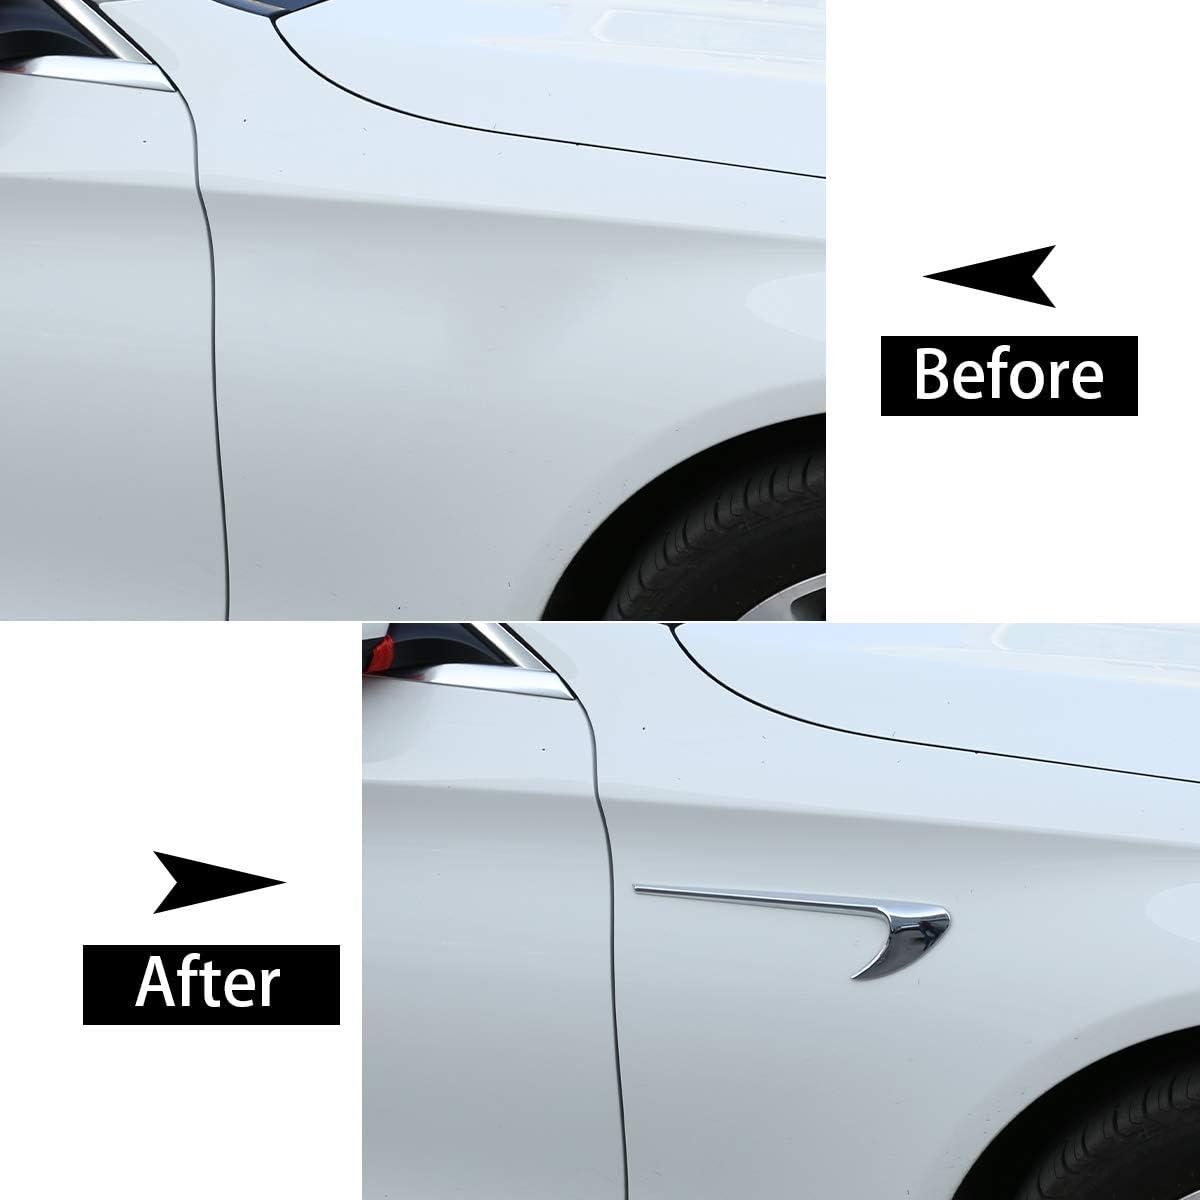 Carbon Fiber CHEYA 2pcs ABS Carbon Fiber Style Car Side Fender Trim Accessories for Mercedes Benz E Class W213 C-Class W205 Refit E63S AMG